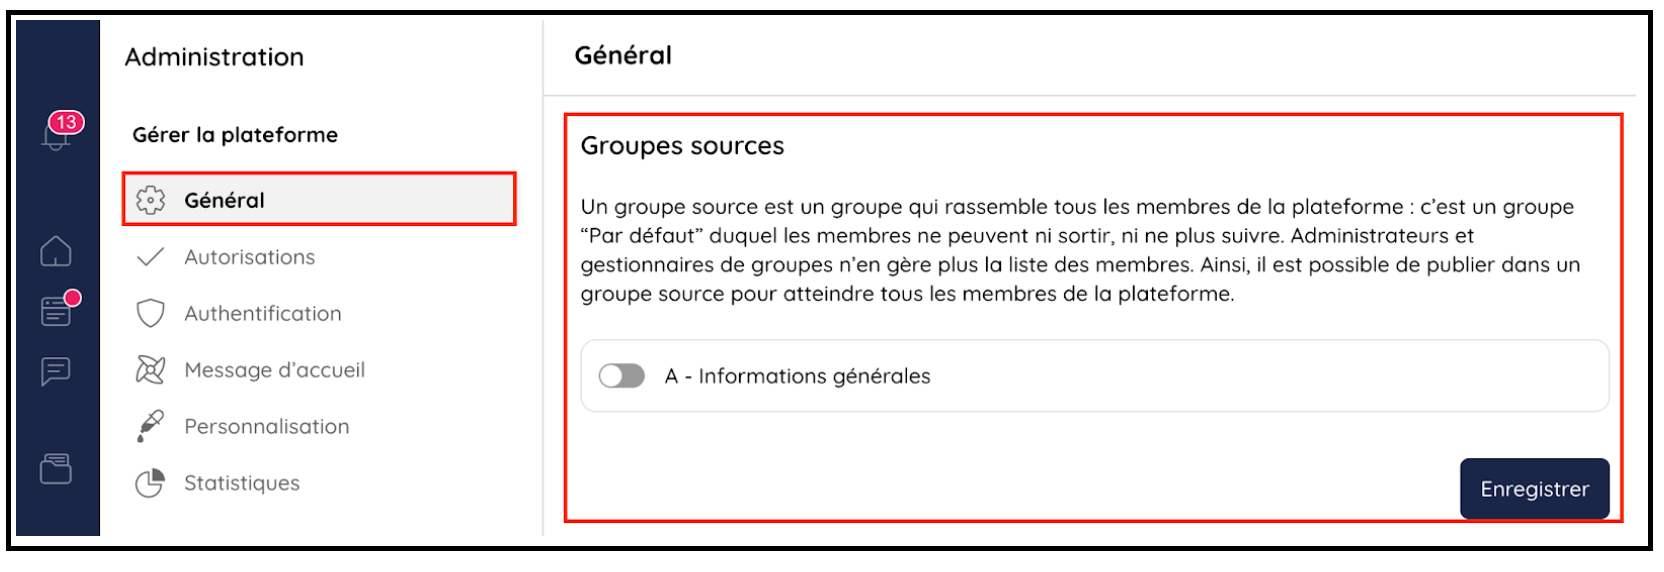 Activer ou désactiver les groupes sources